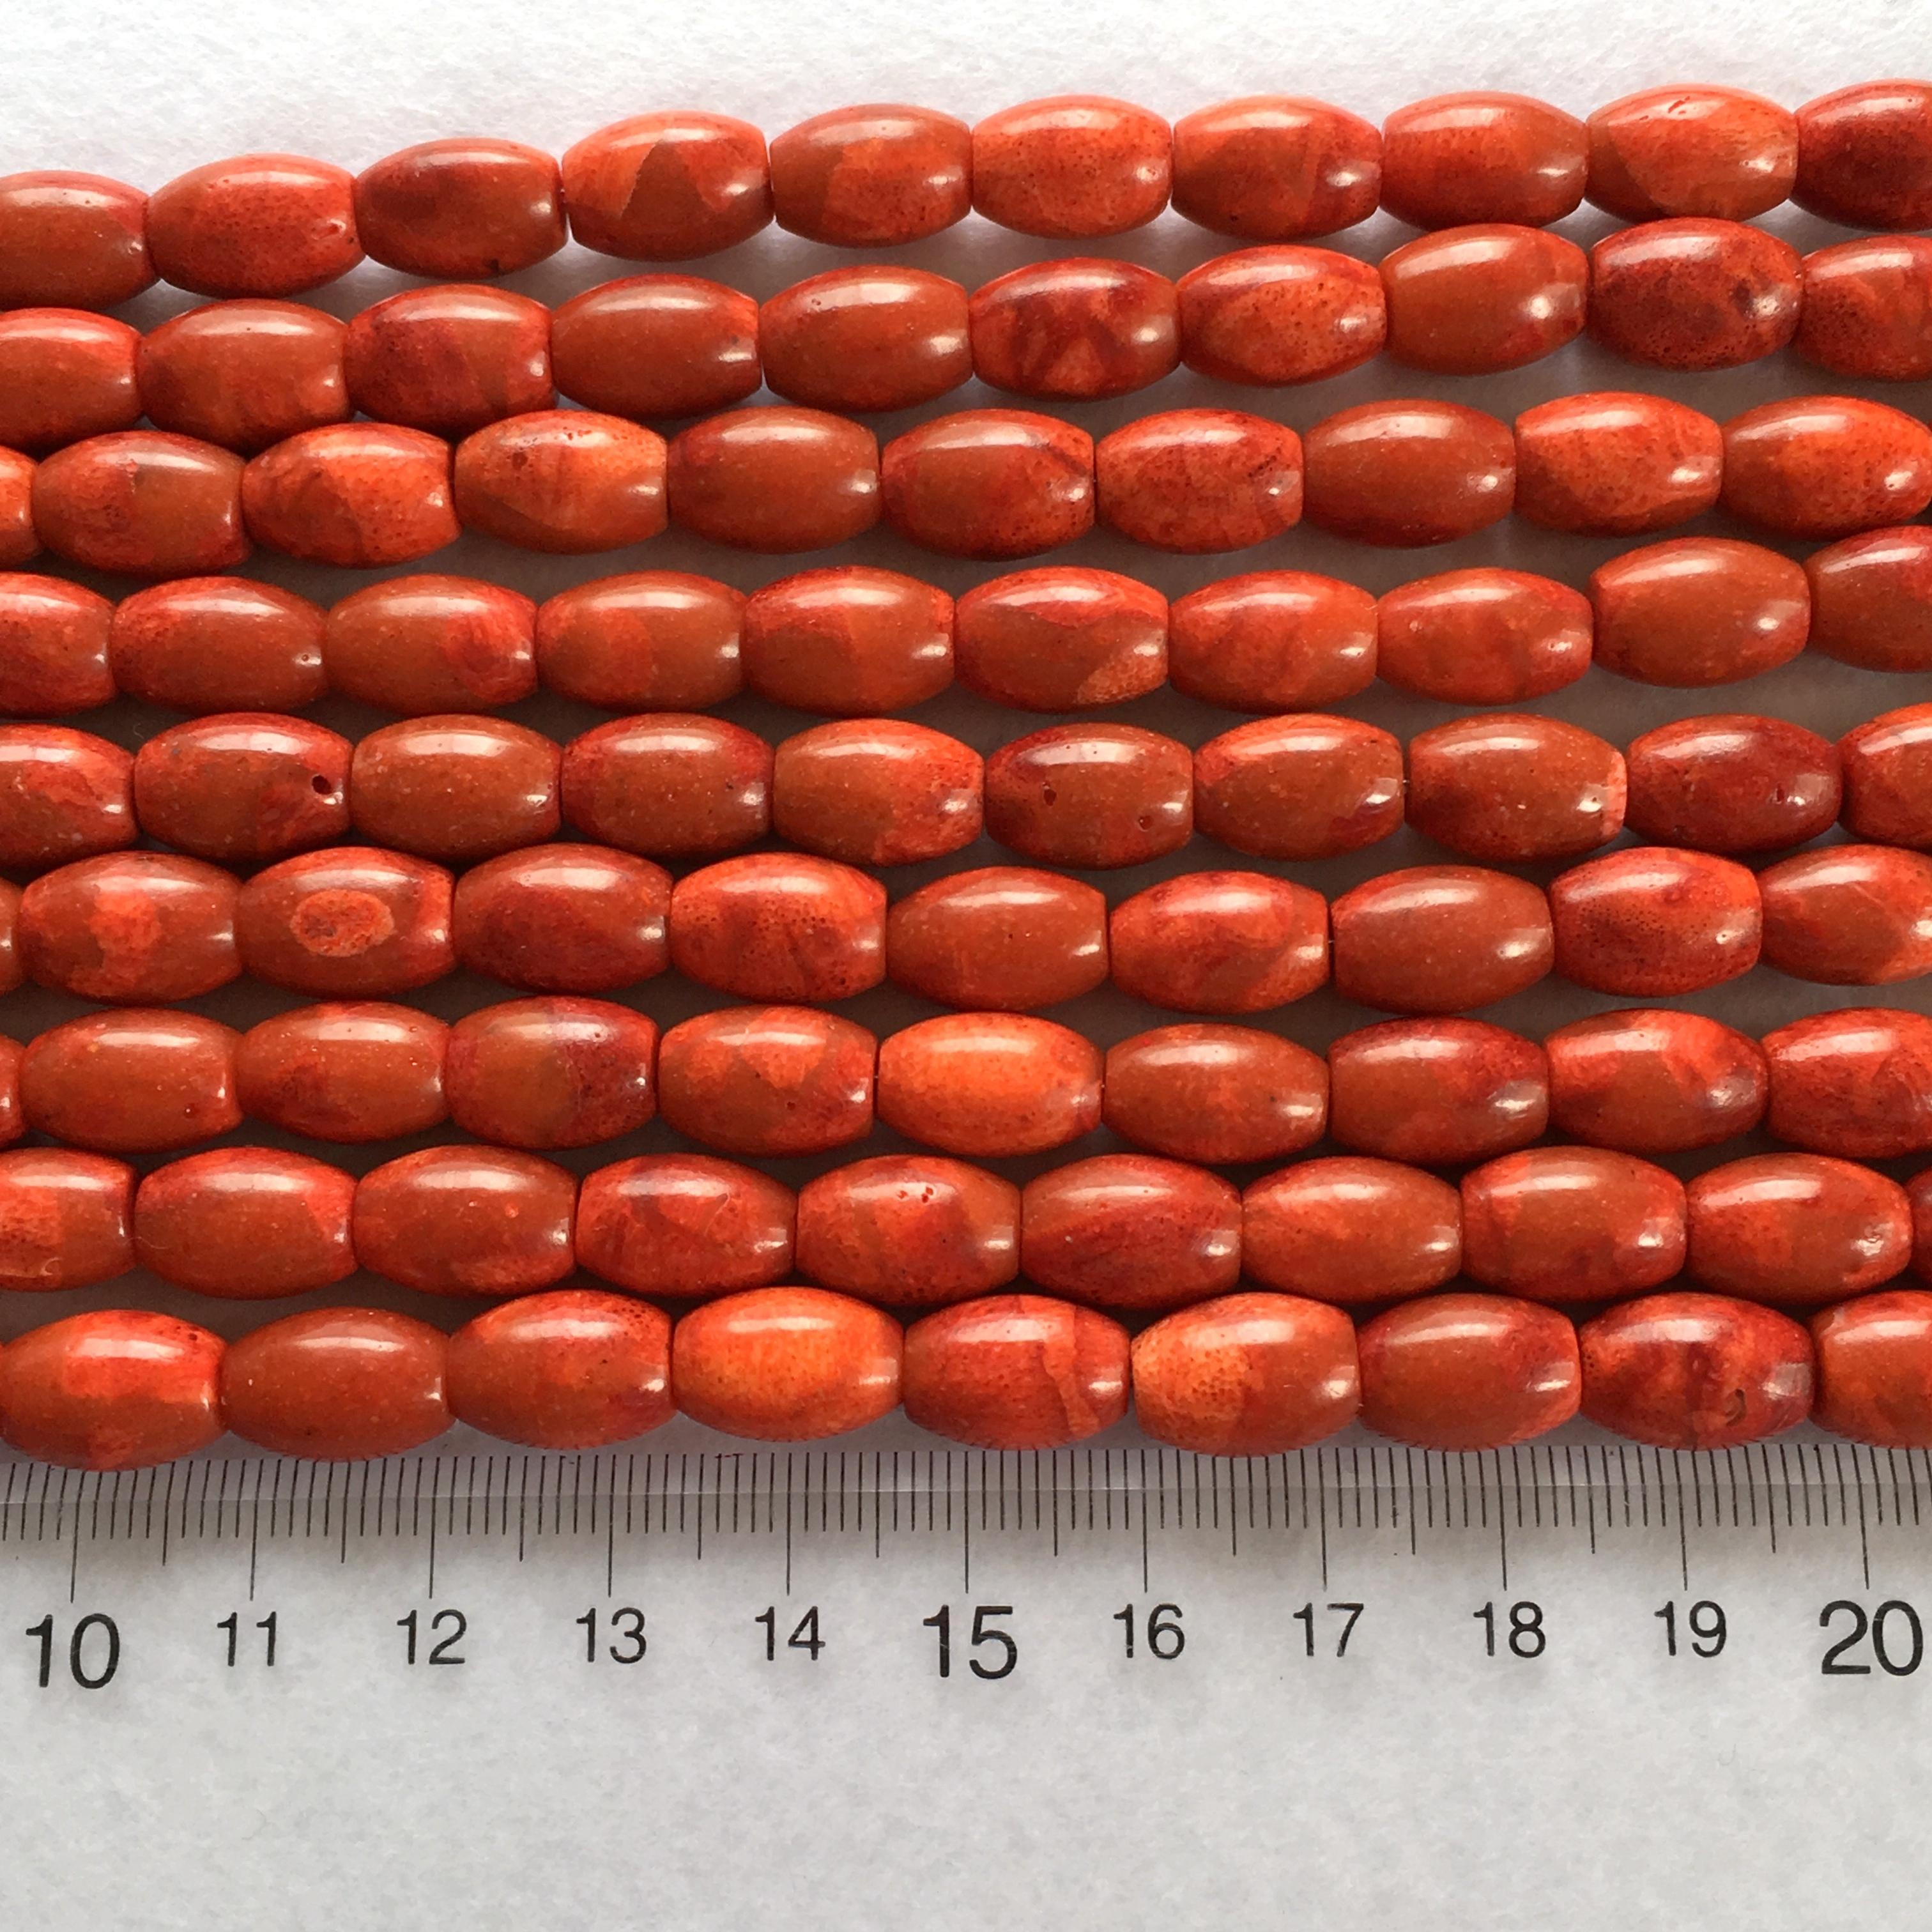 スポンジサンゴバレル型約12x8.5ミリ 連材【190178】